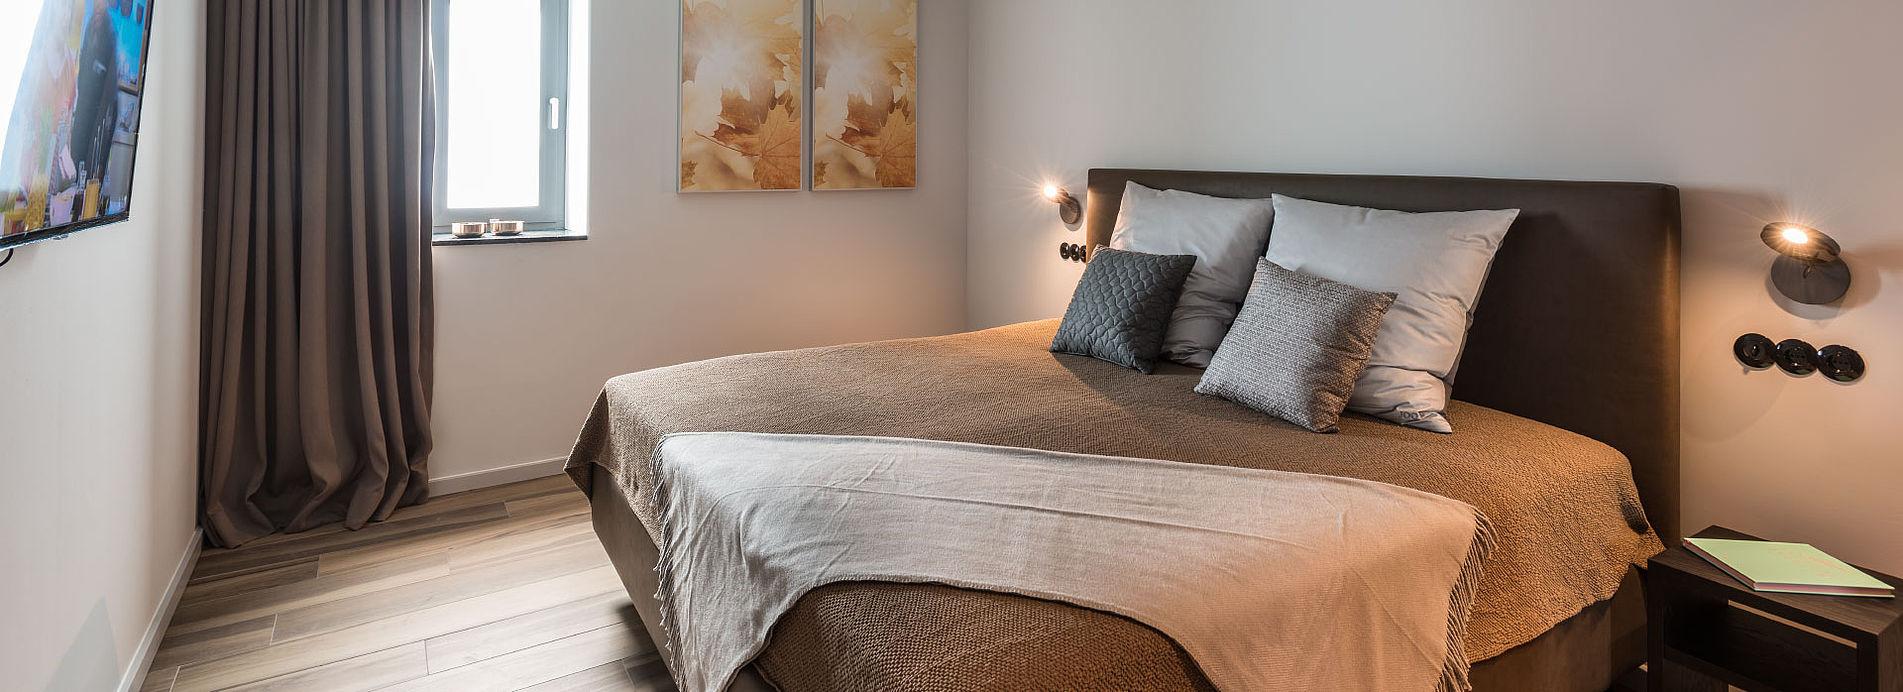 golden ball - penthousewohnung mit dachterrasse und, Wohnzimmer dekoo